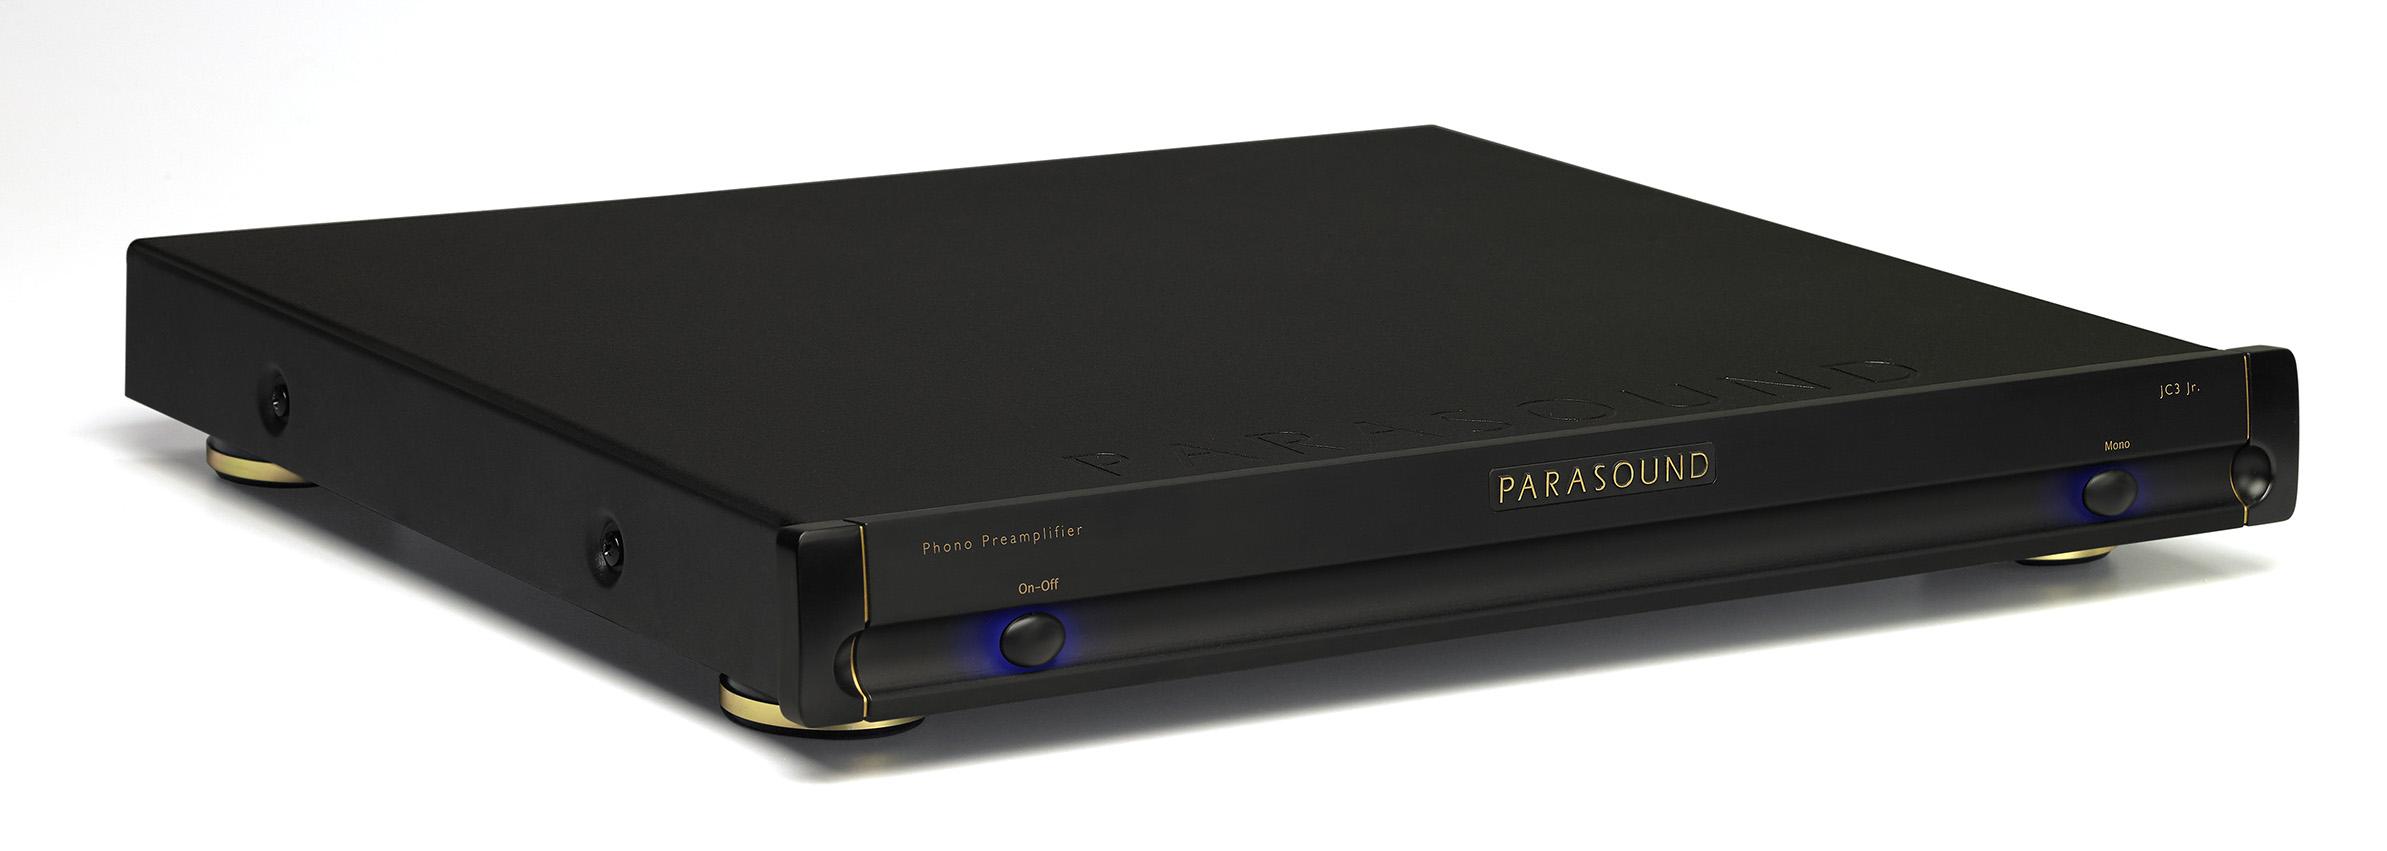 ParasoundHalo JC 3 Jr.Phono Preamplifier by John Curl: Premier Review